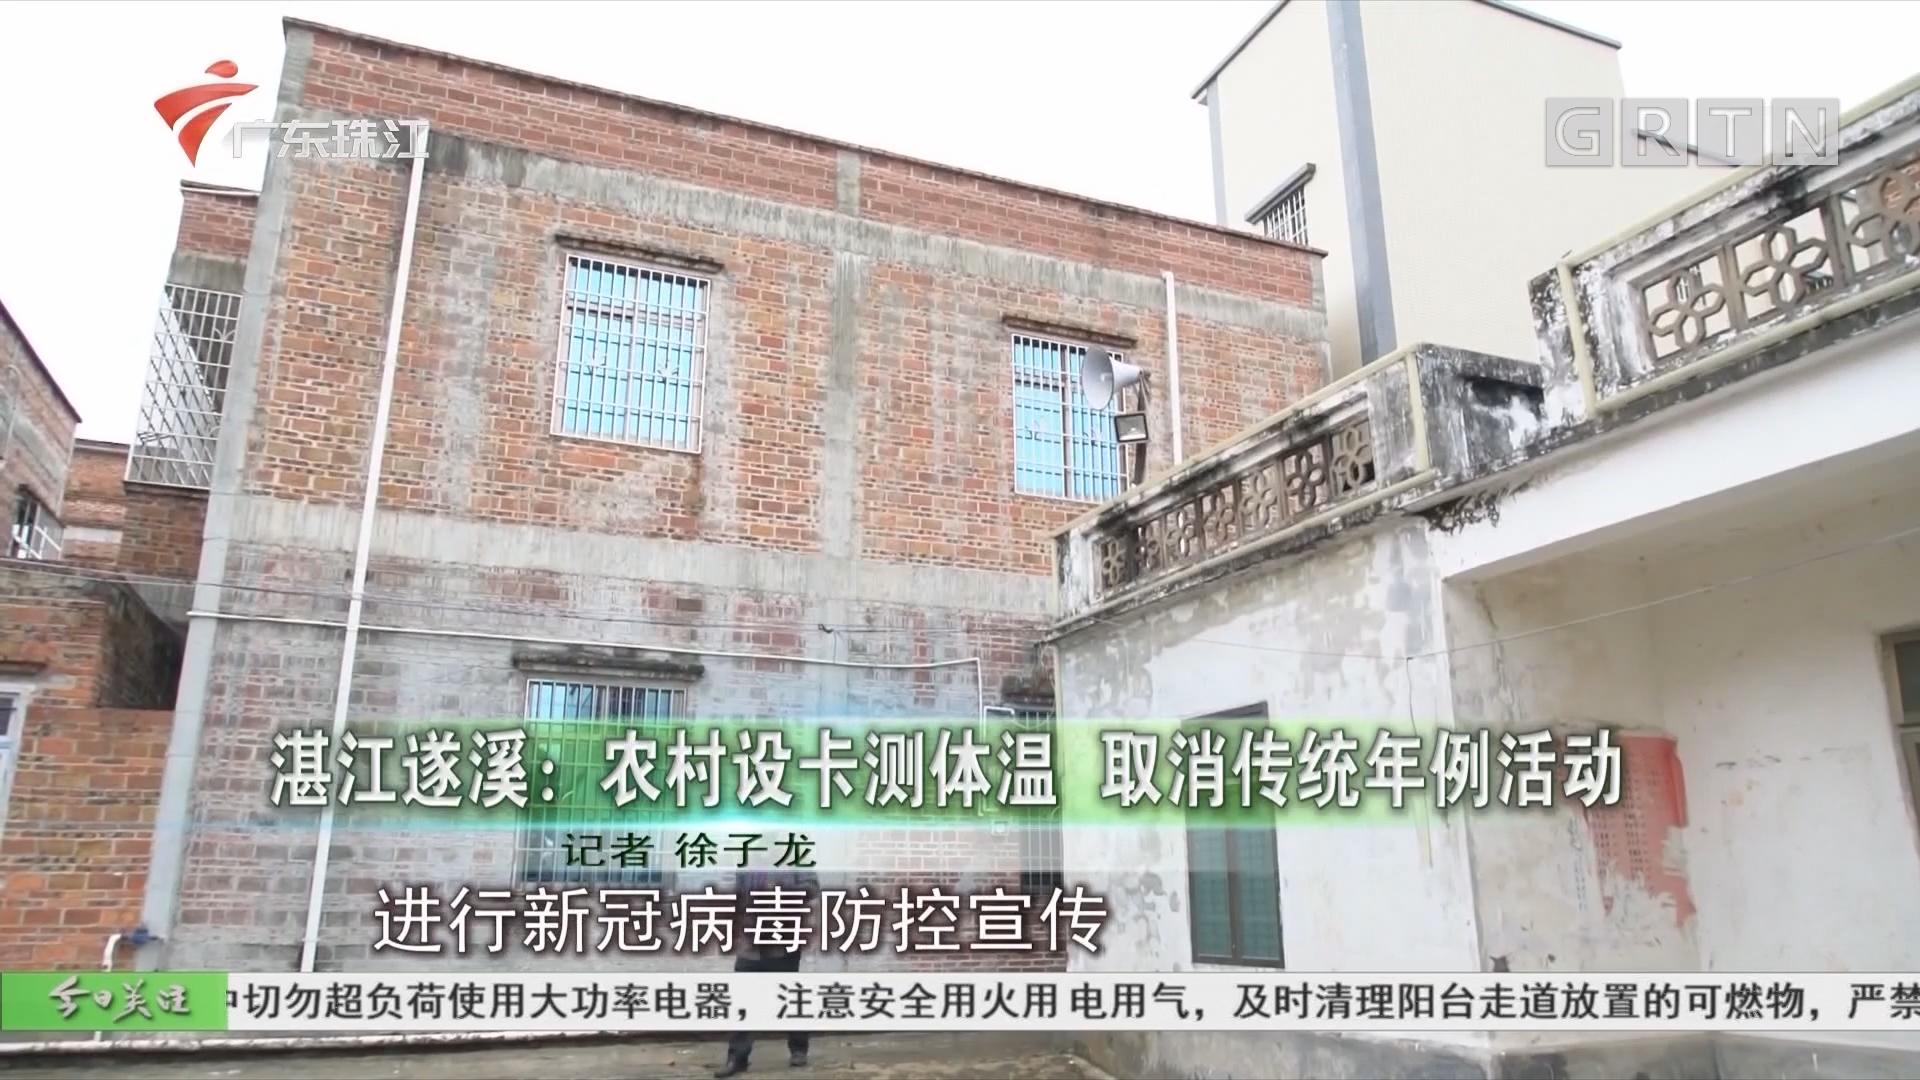 湛江遂溪:农村设卡测体温 取消传统年例活动